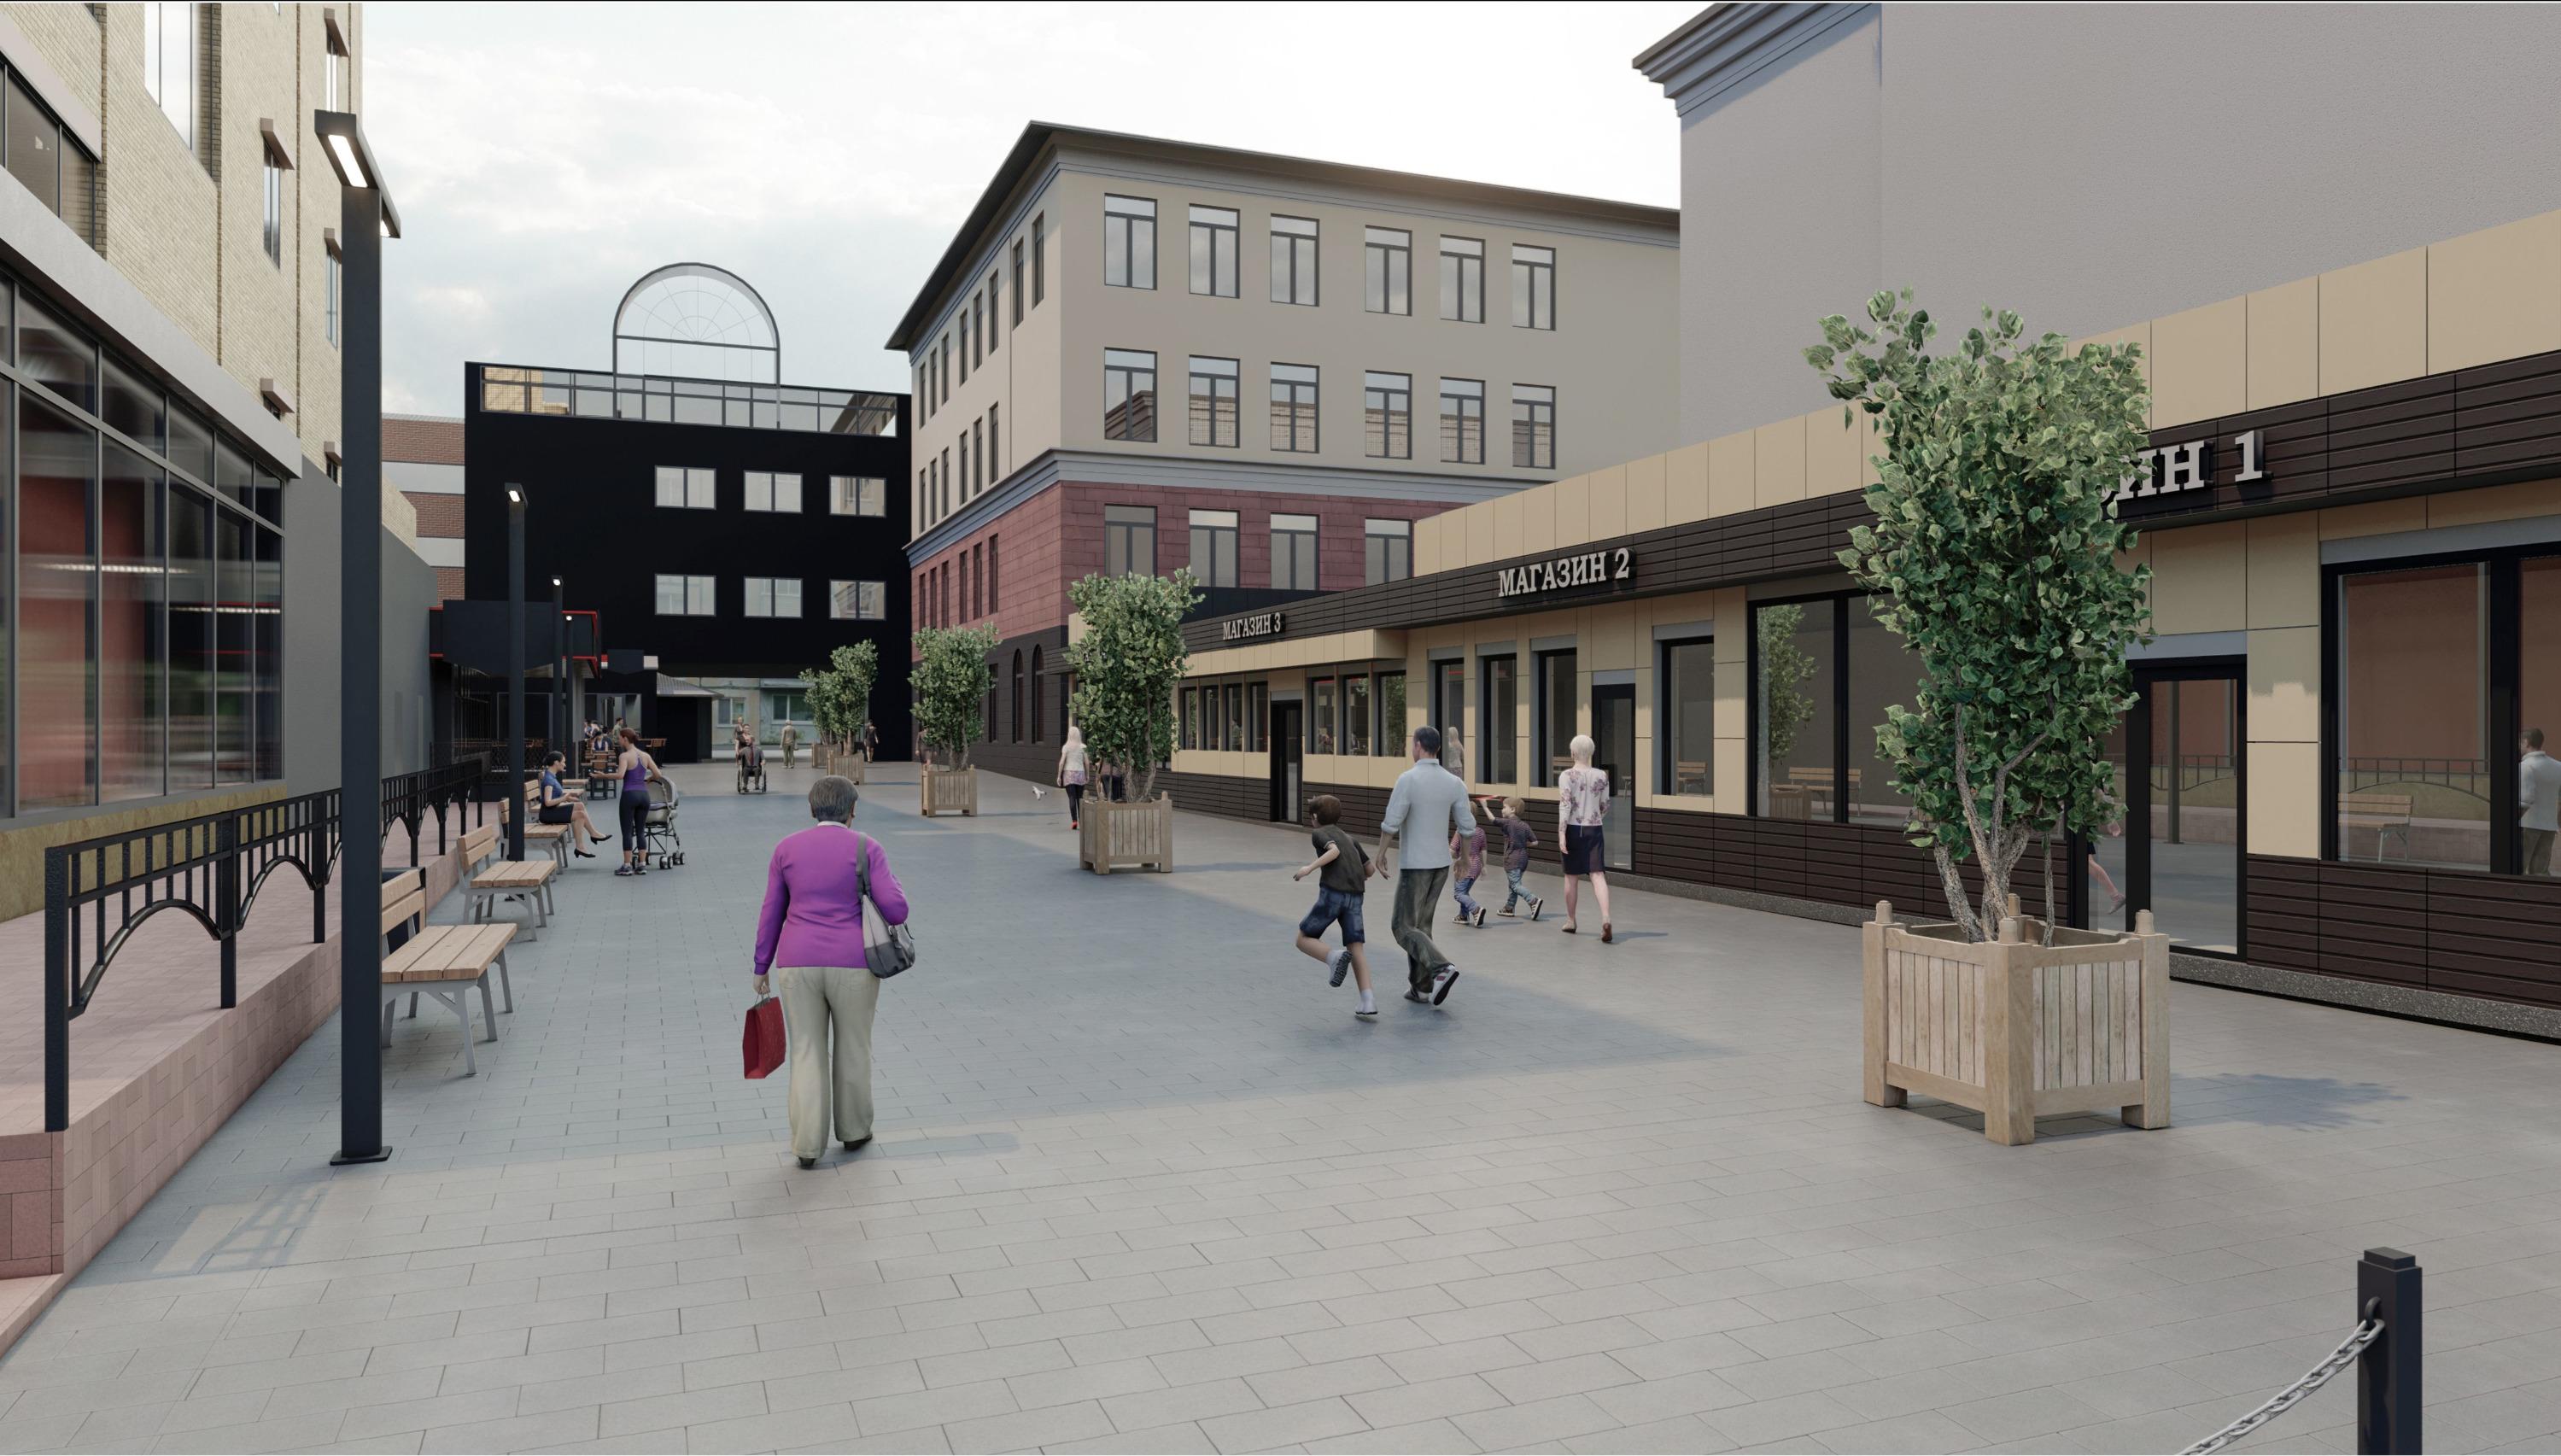 Идею «переулка Поздеева» одобрилив рамках проекта «Инициативное бюджетирование»